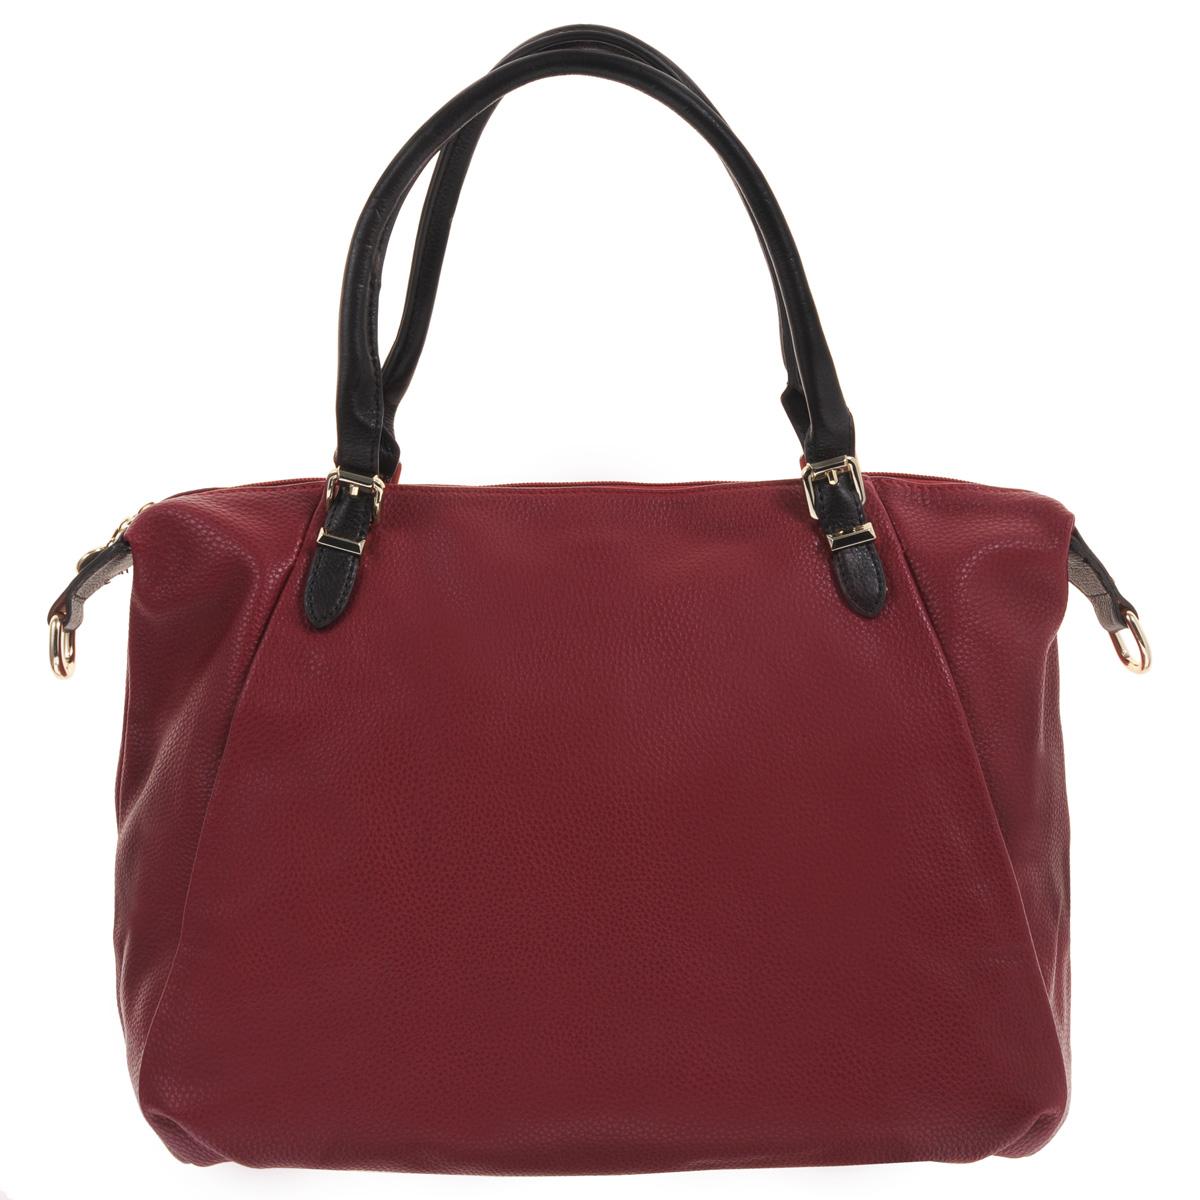 Сумка женская Fancy's Bag, цвет: красный. 2858-12